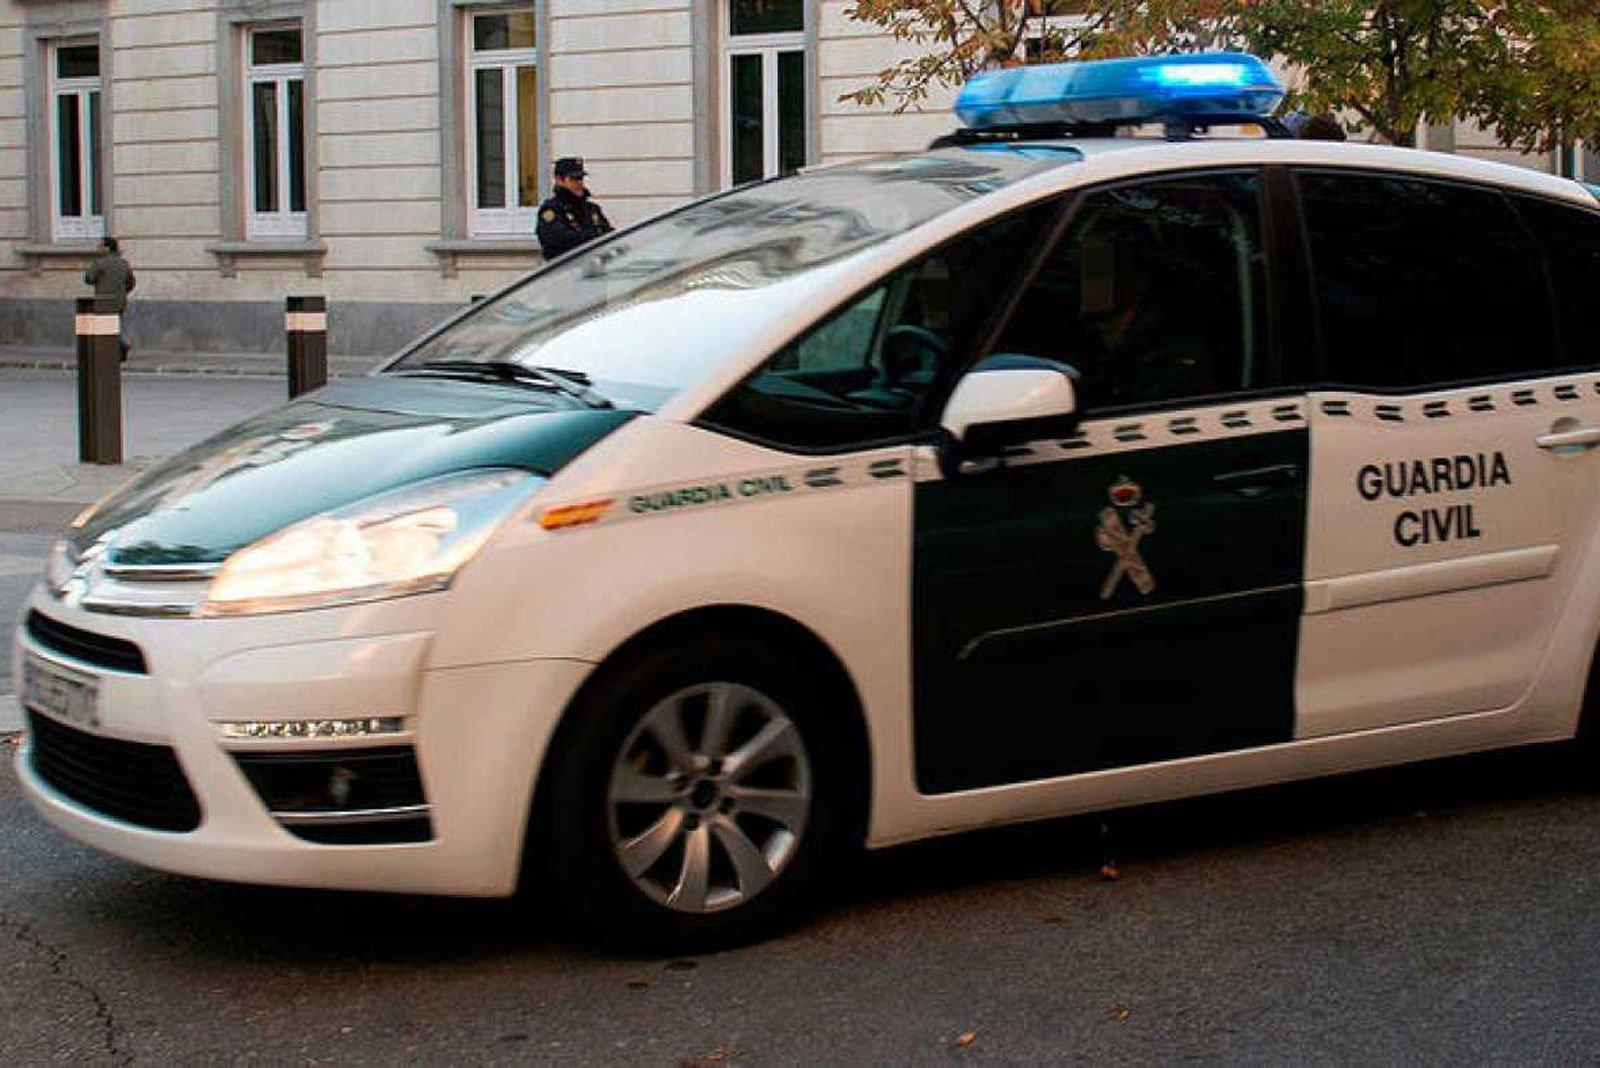 Nueva agresión a la Guardia Civil en Alsasua mientras se convoca una concentración contra su expulsión de Navarra (exigida por el nacionalismo vasco)